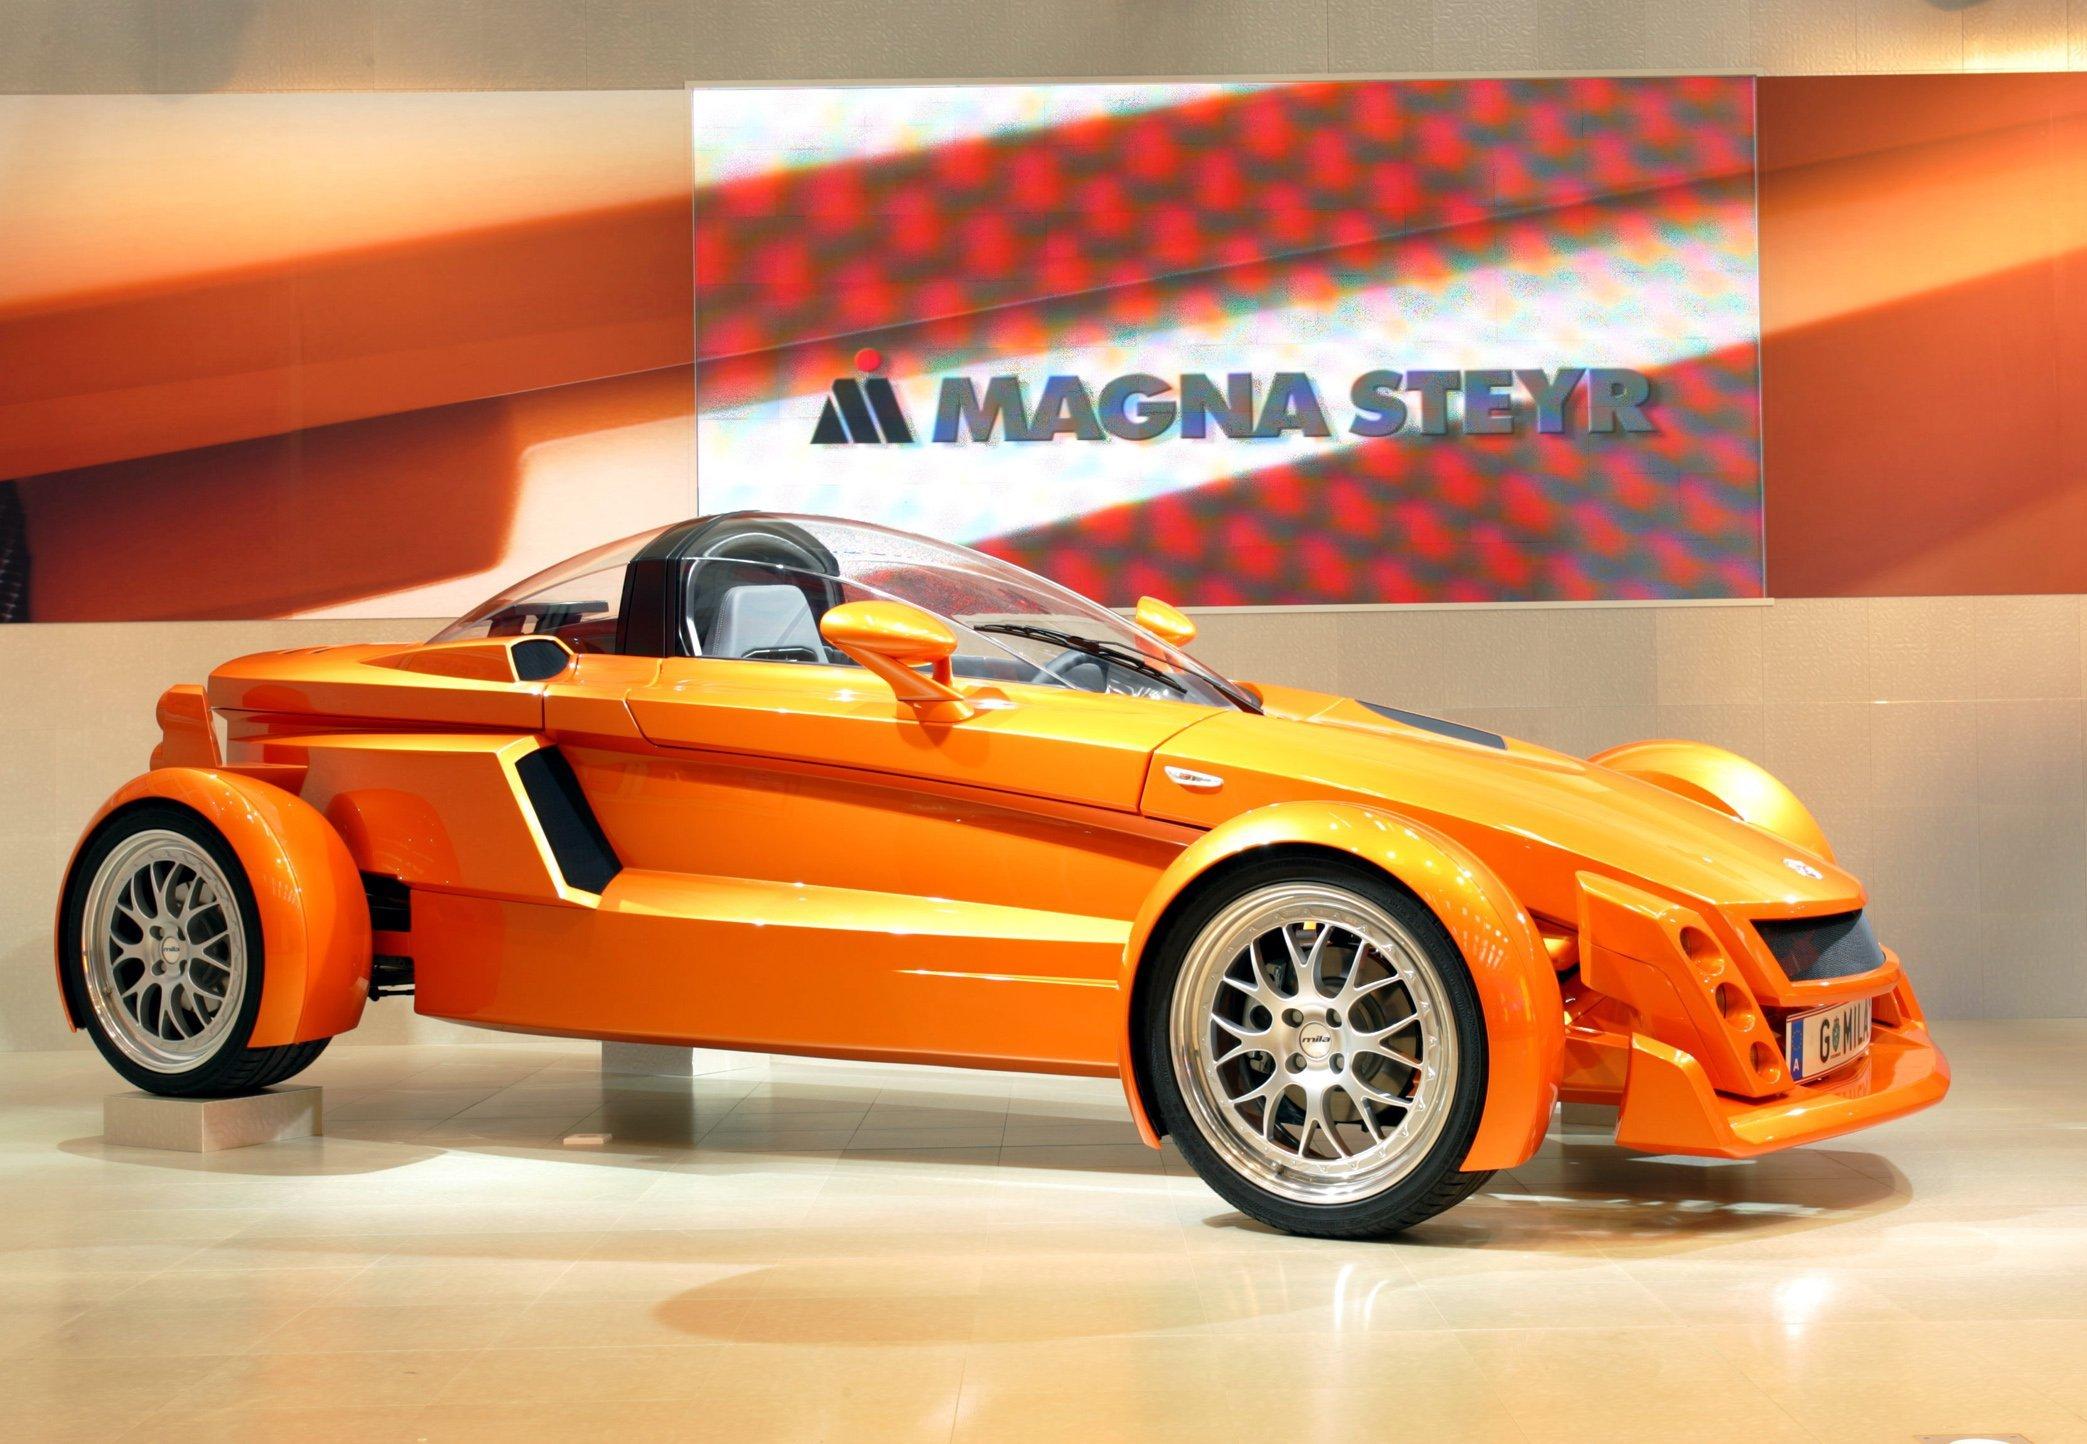 Apple-Mitarbeiter sollen sich mit dem österreichischen Auftragsproduzenten Magna Steyr getroffen haben. Auf dem Foto zu sehen ist die Sportwagenstudie Mila von Magna Steyr. Hier sorgt Erdgas für den Vortrieb.